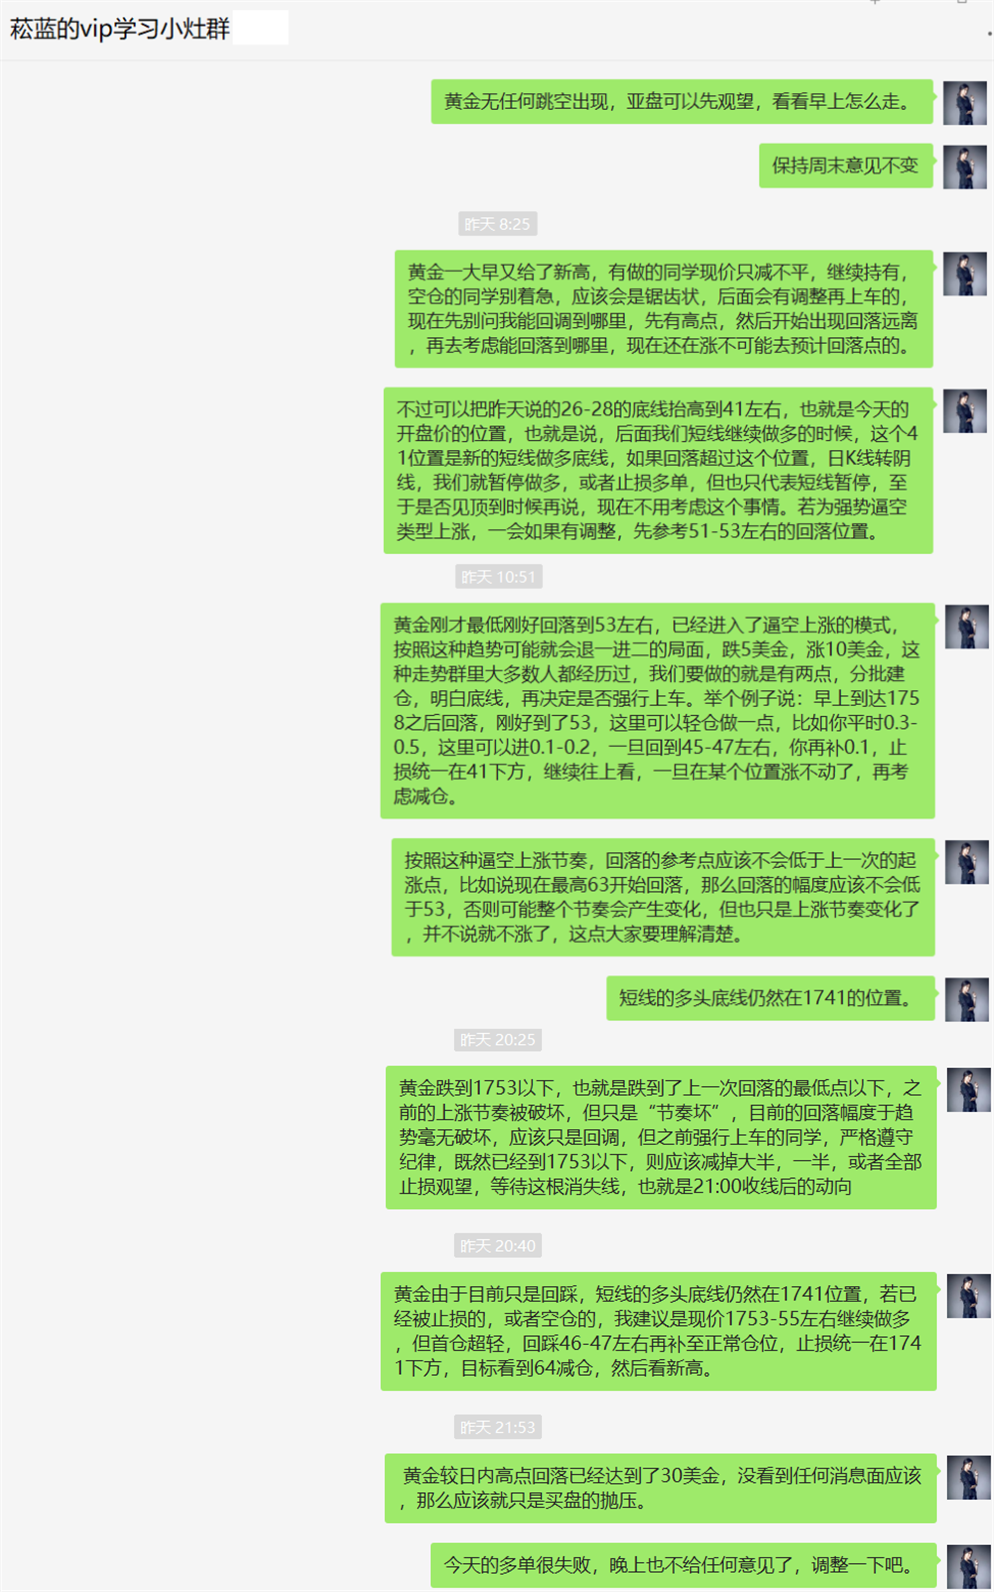 黄金走势_副本.png